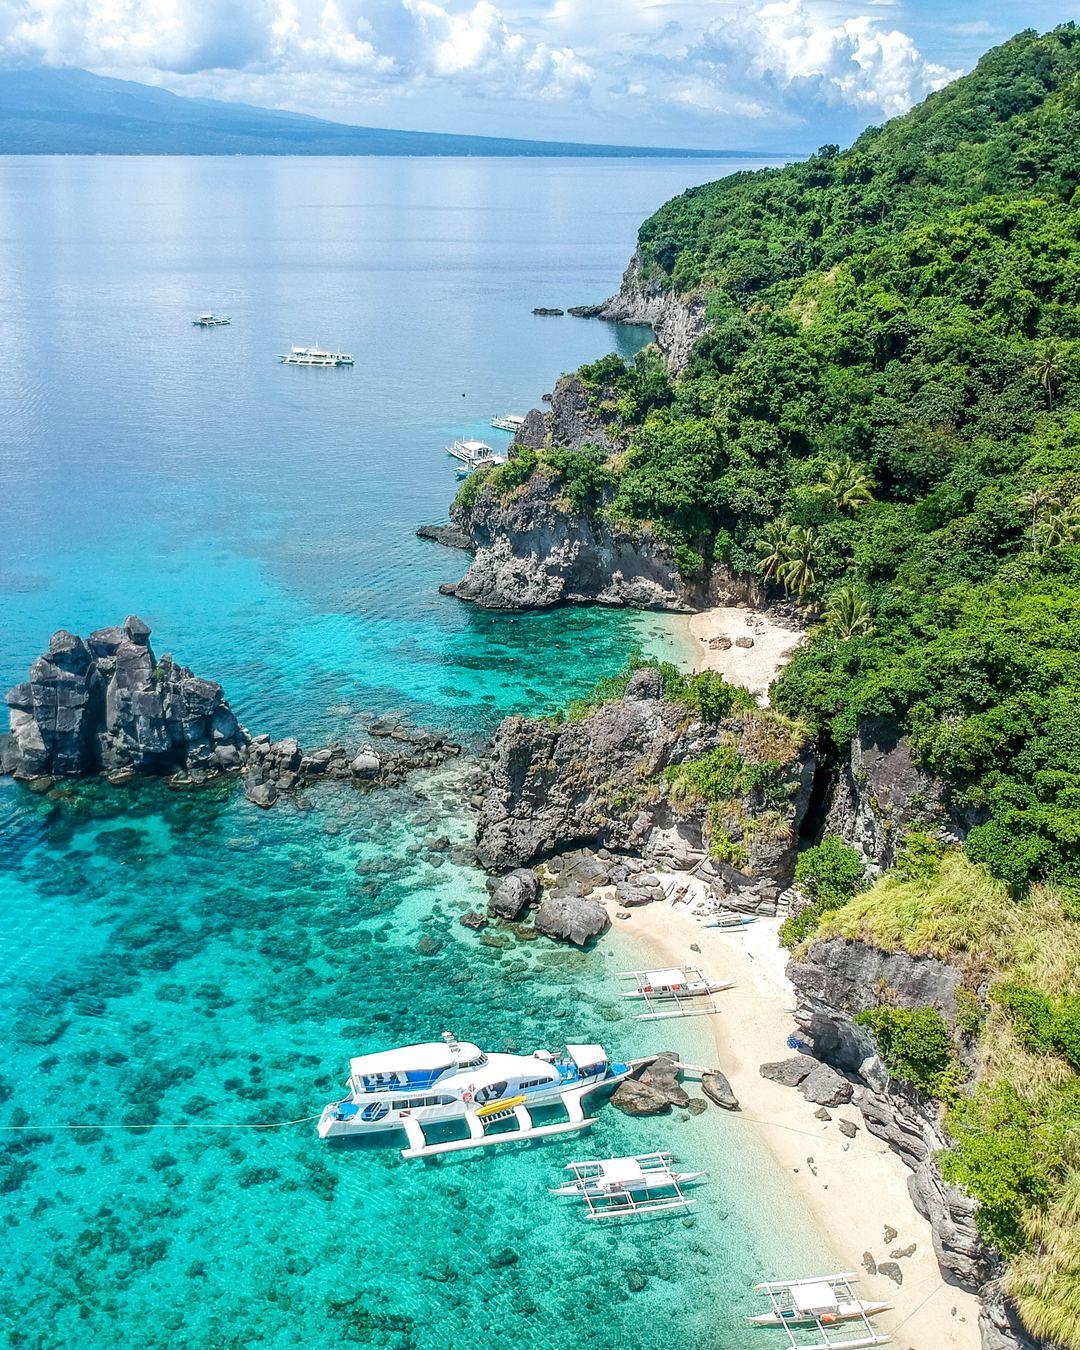 Acantilados de la isla de Apo en Visayas